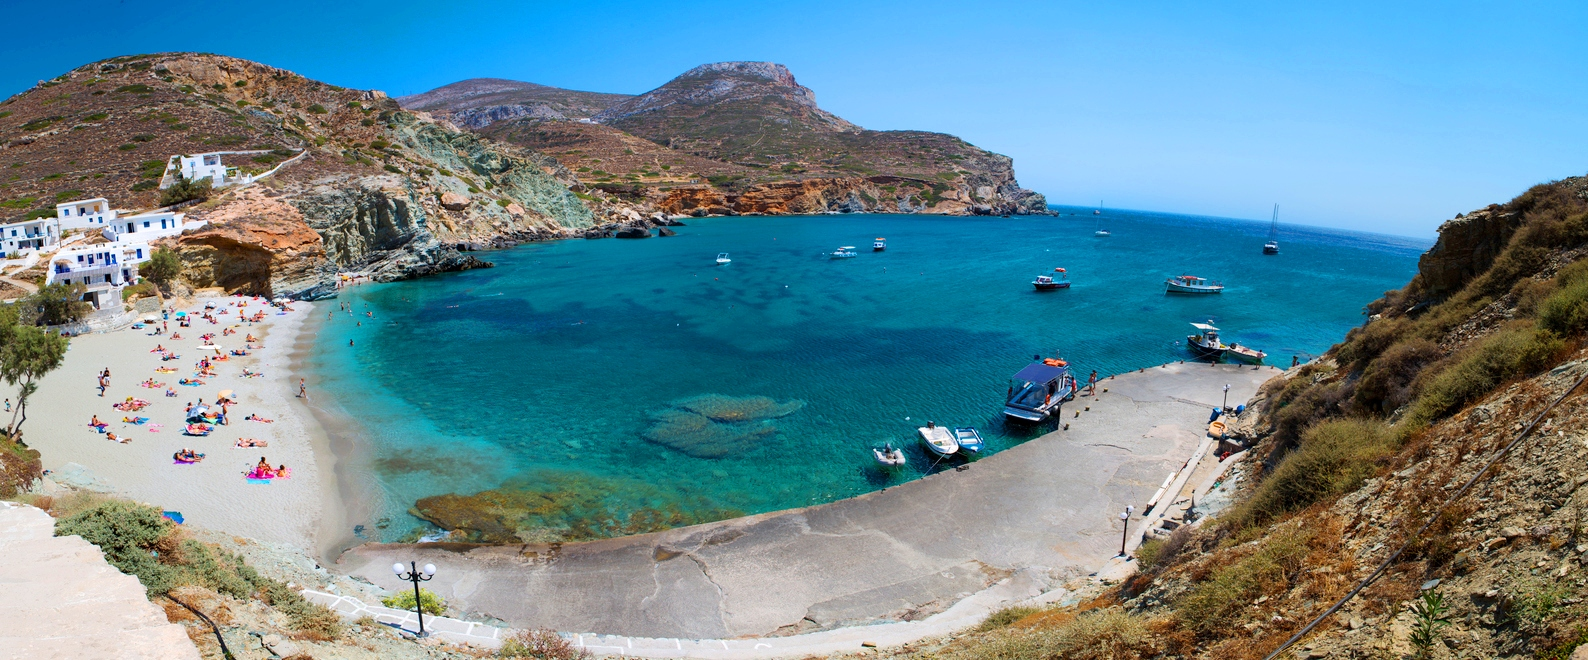 Μύθοι και αλήθειες για τη Φολέγανδρο: Είναι τελικά το ωραιότερο νησί των Κυκλάδων; (Pics)